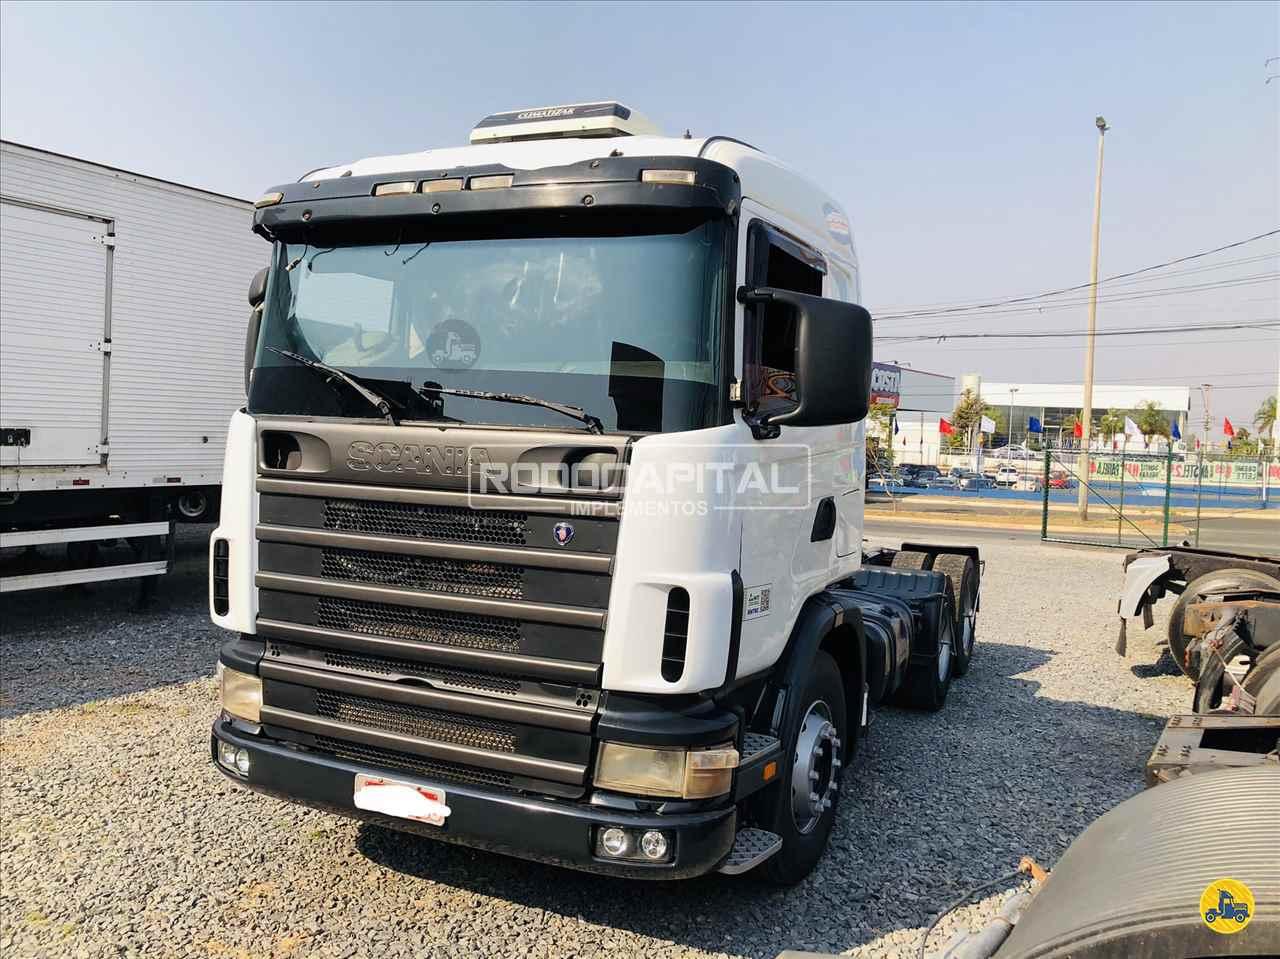 CAMINHAO SCANIA SCANIA 380 Cavalo Mecânico Truck 6x2 RODOCAPITAL - TRUCKVAN BRASILIA DISTRITO FEDERAL DF